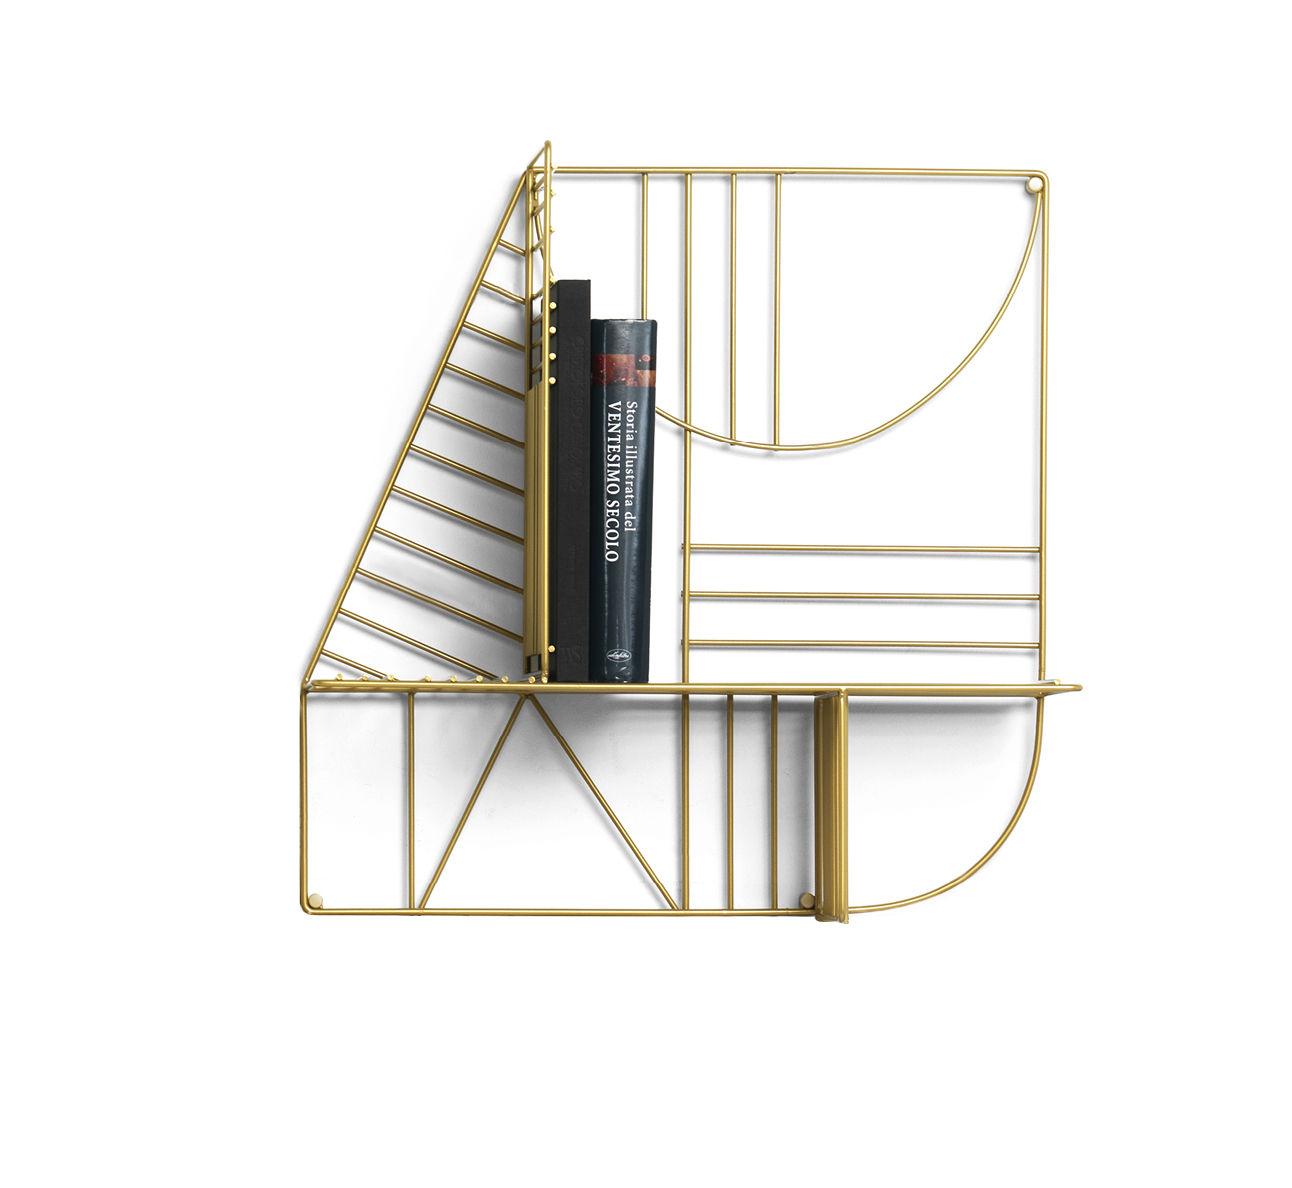 Mobilier - Etagères & bibliothèques - Etagère Musa / 60 x 60 cm - Mogg - Or - Métal laqué